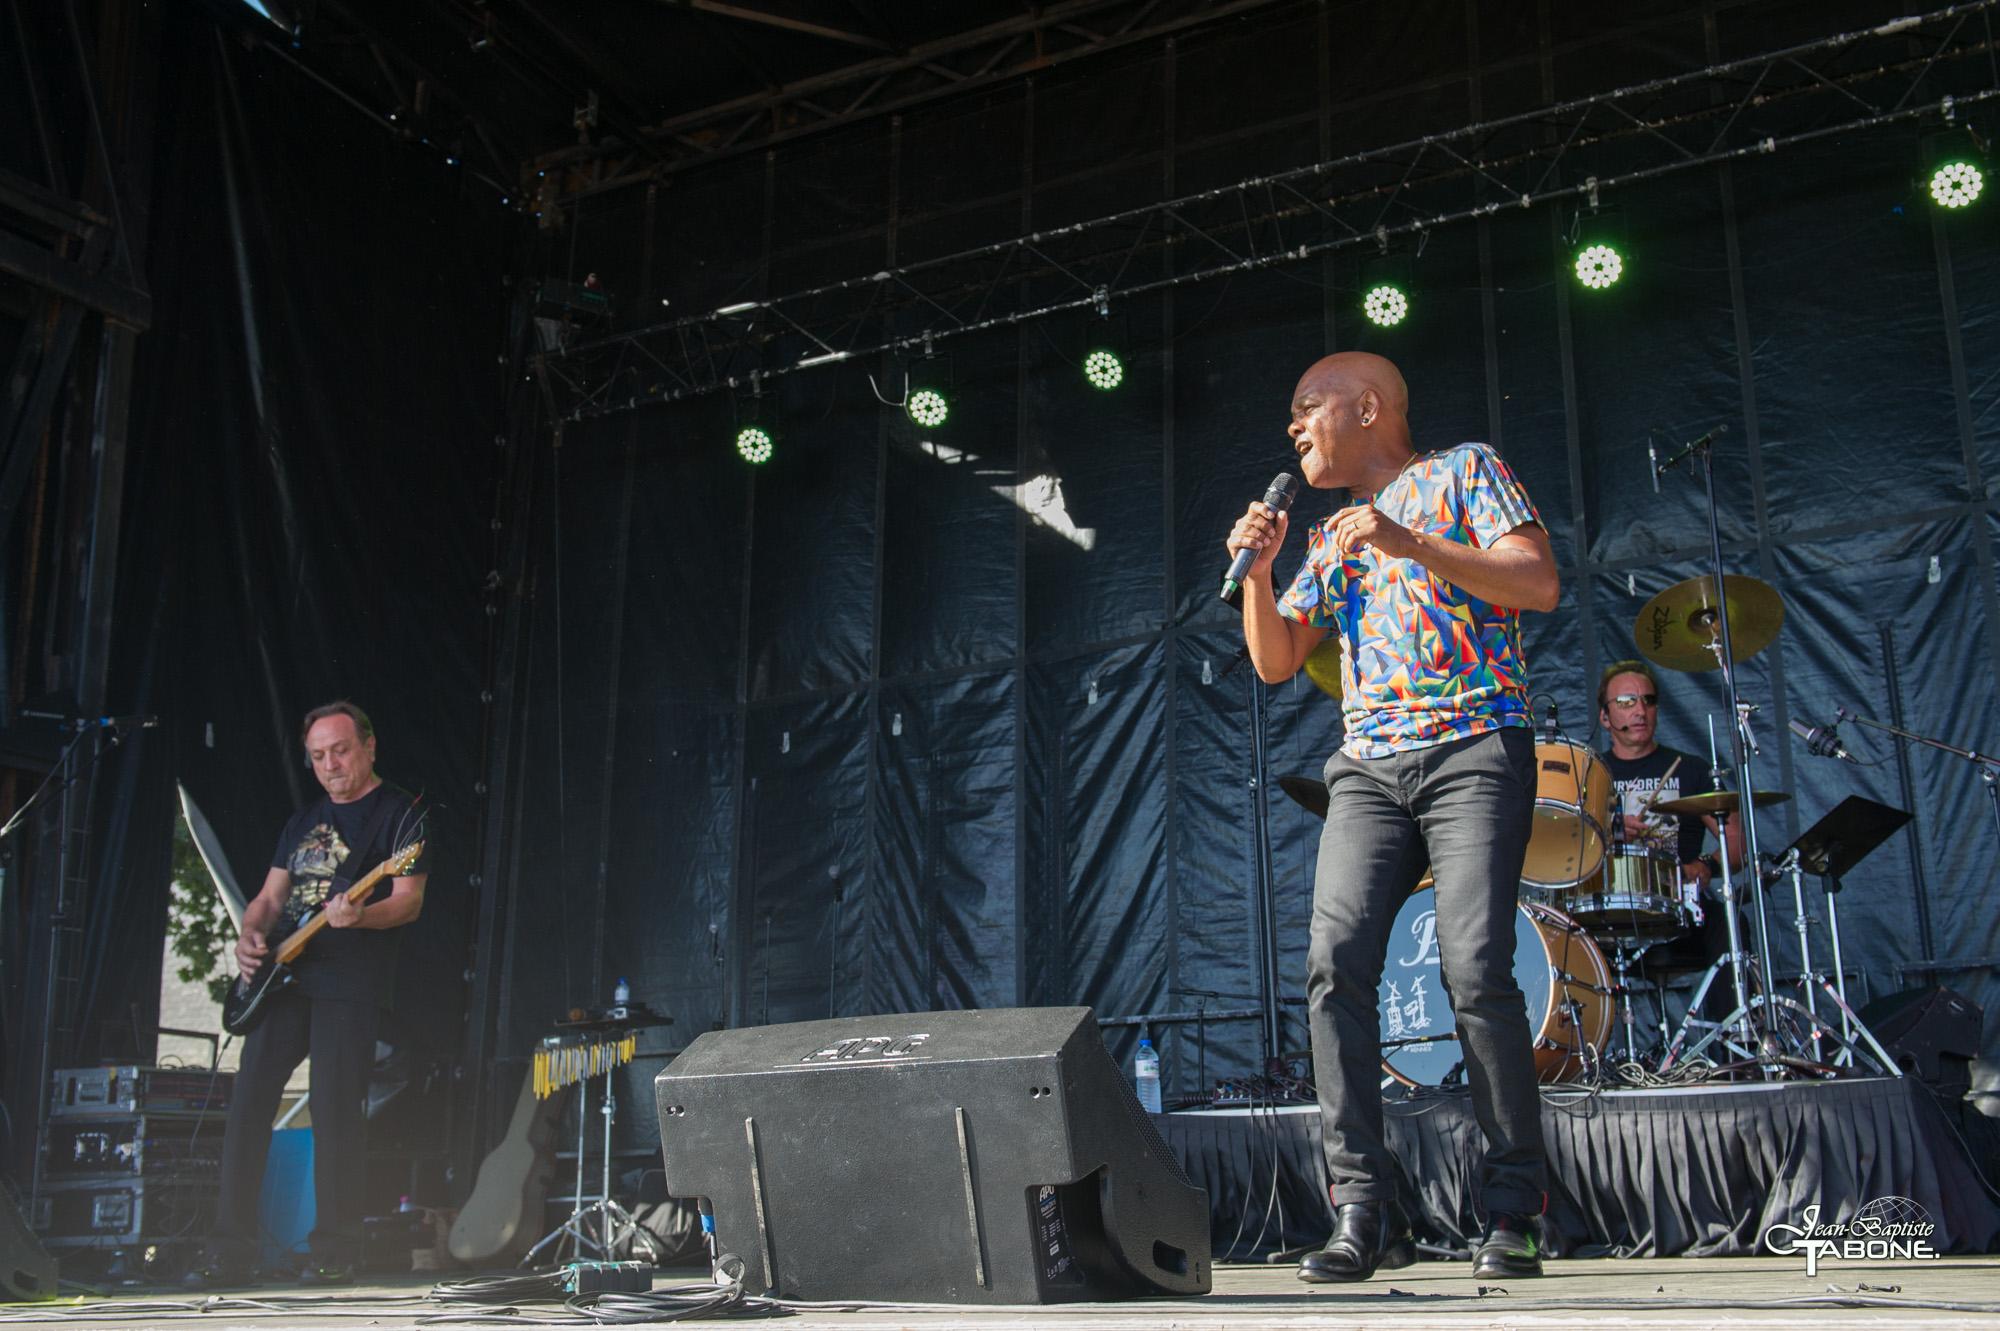 Concert d'Émile et Images le 15 août 2016